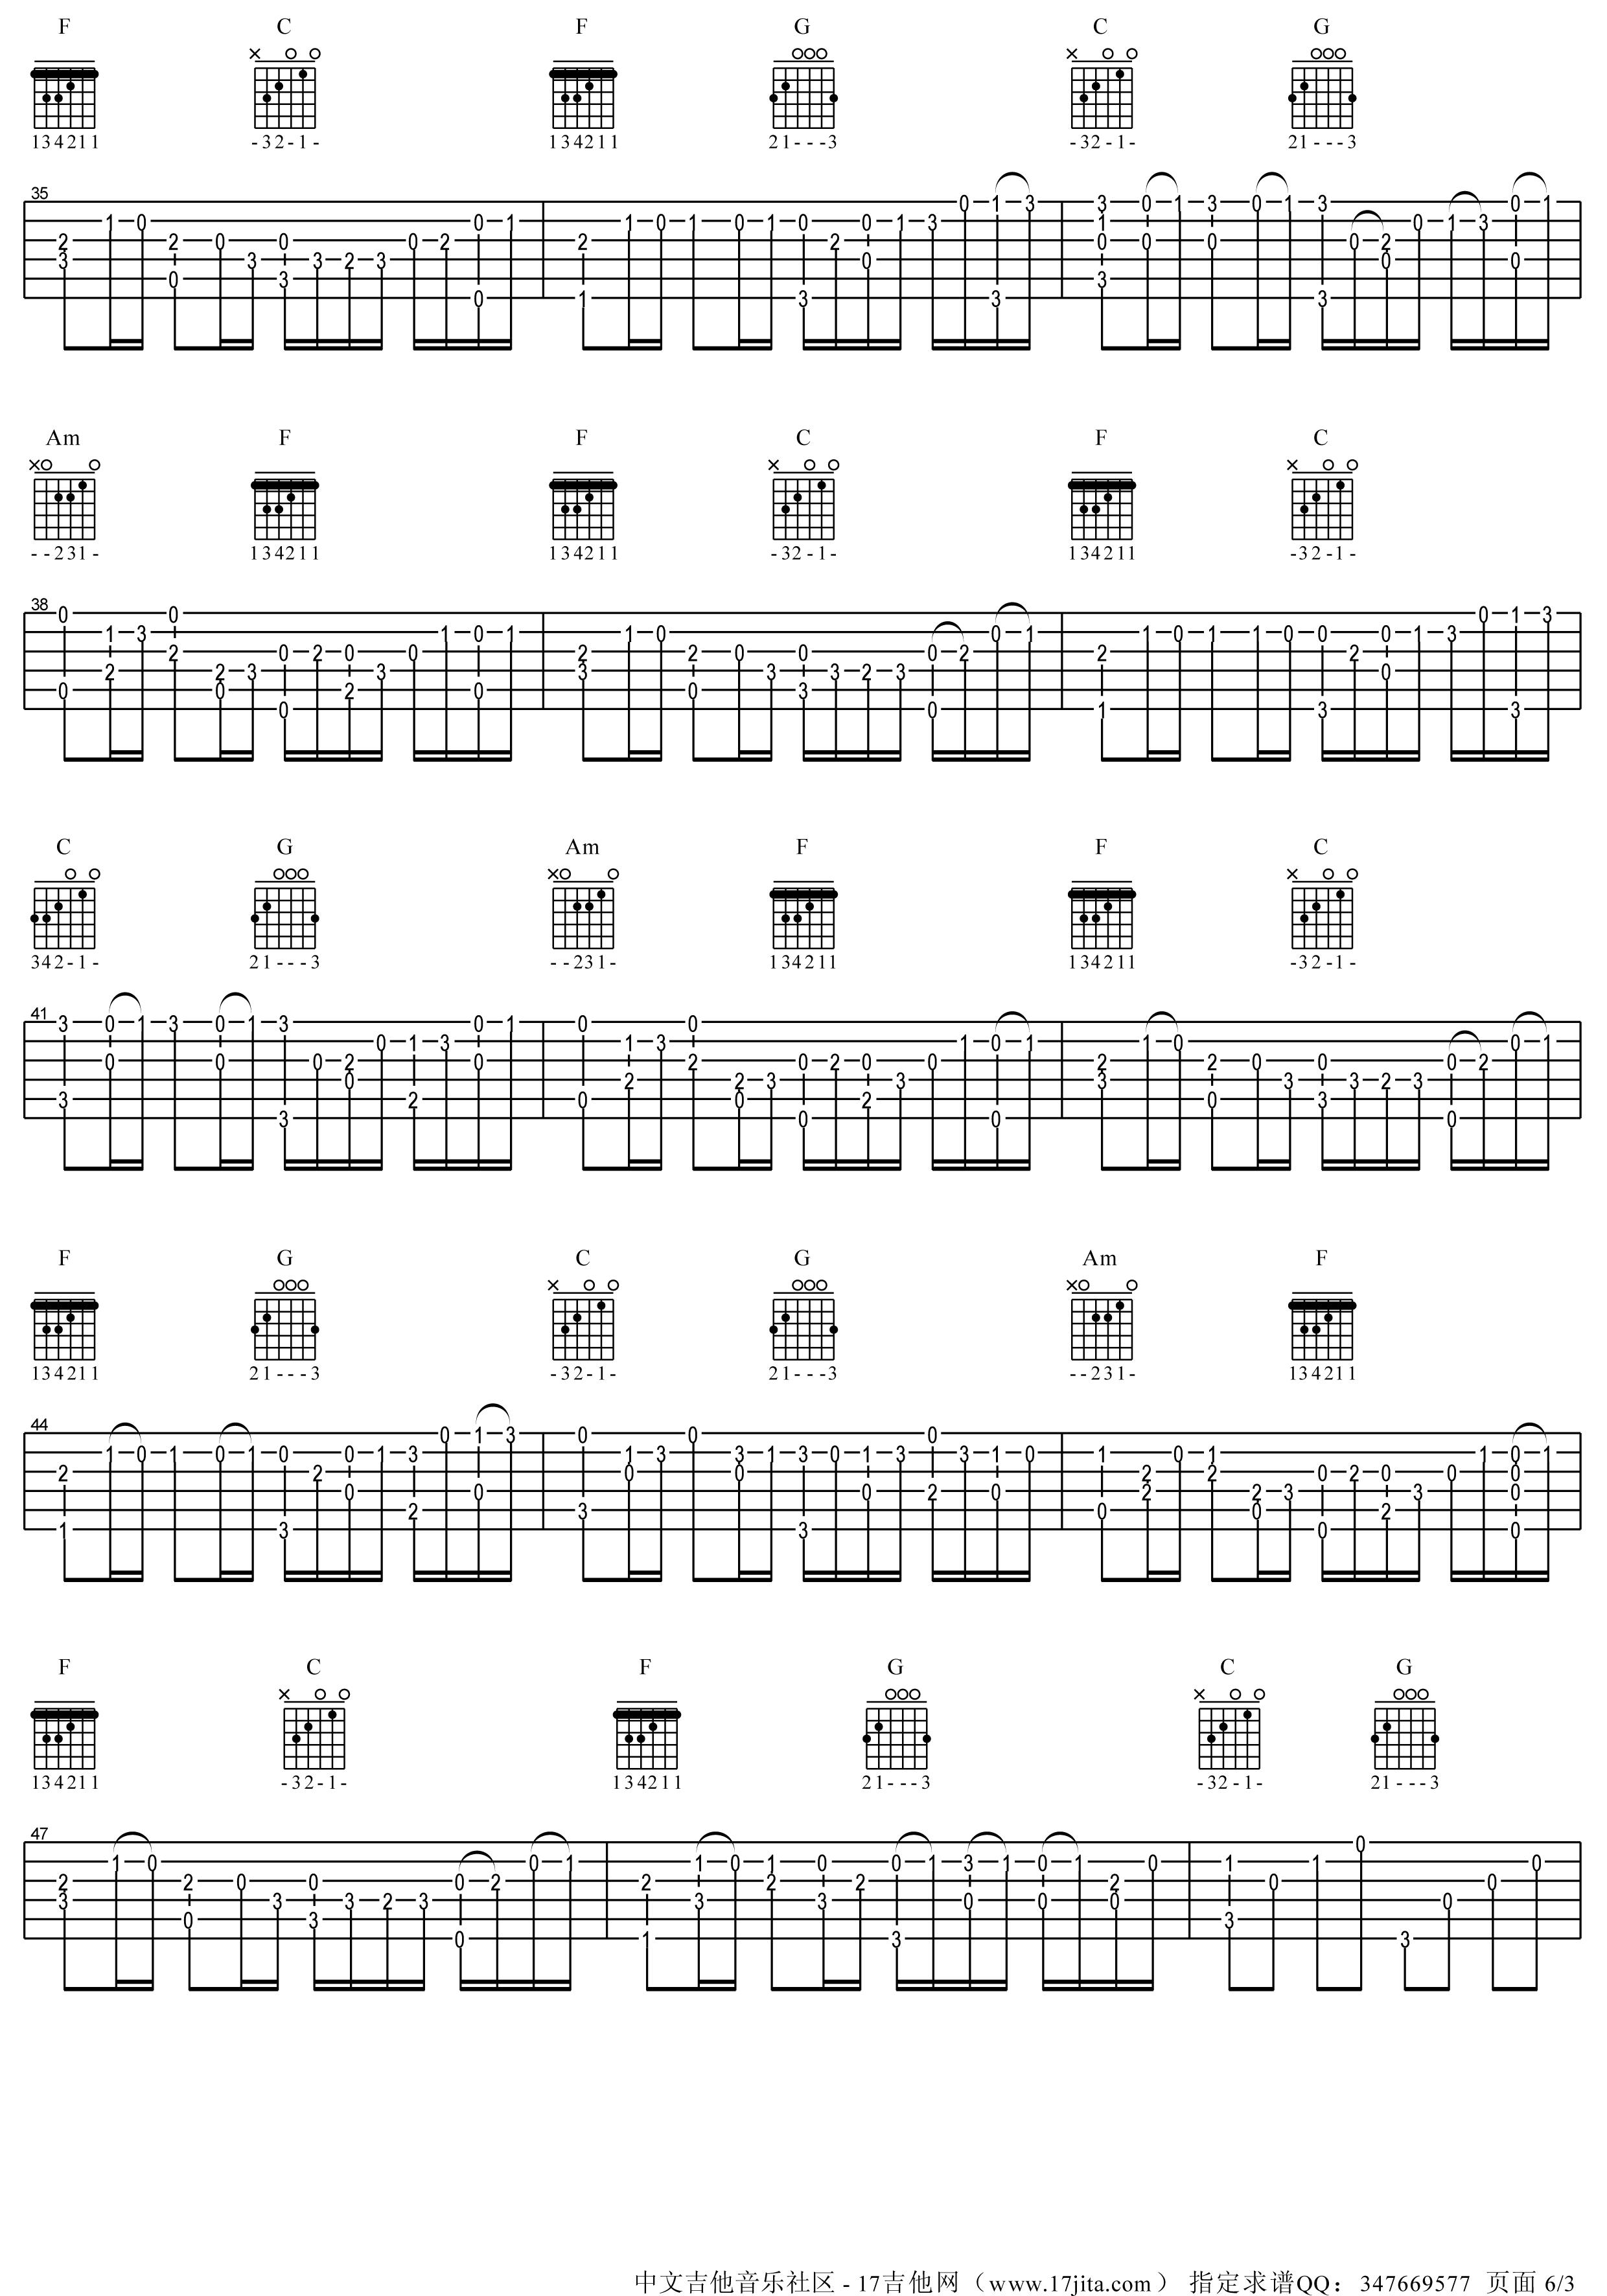 卢家宏 c调卡农吉他谱 带和弦完整版【高清谱】 吉他谱